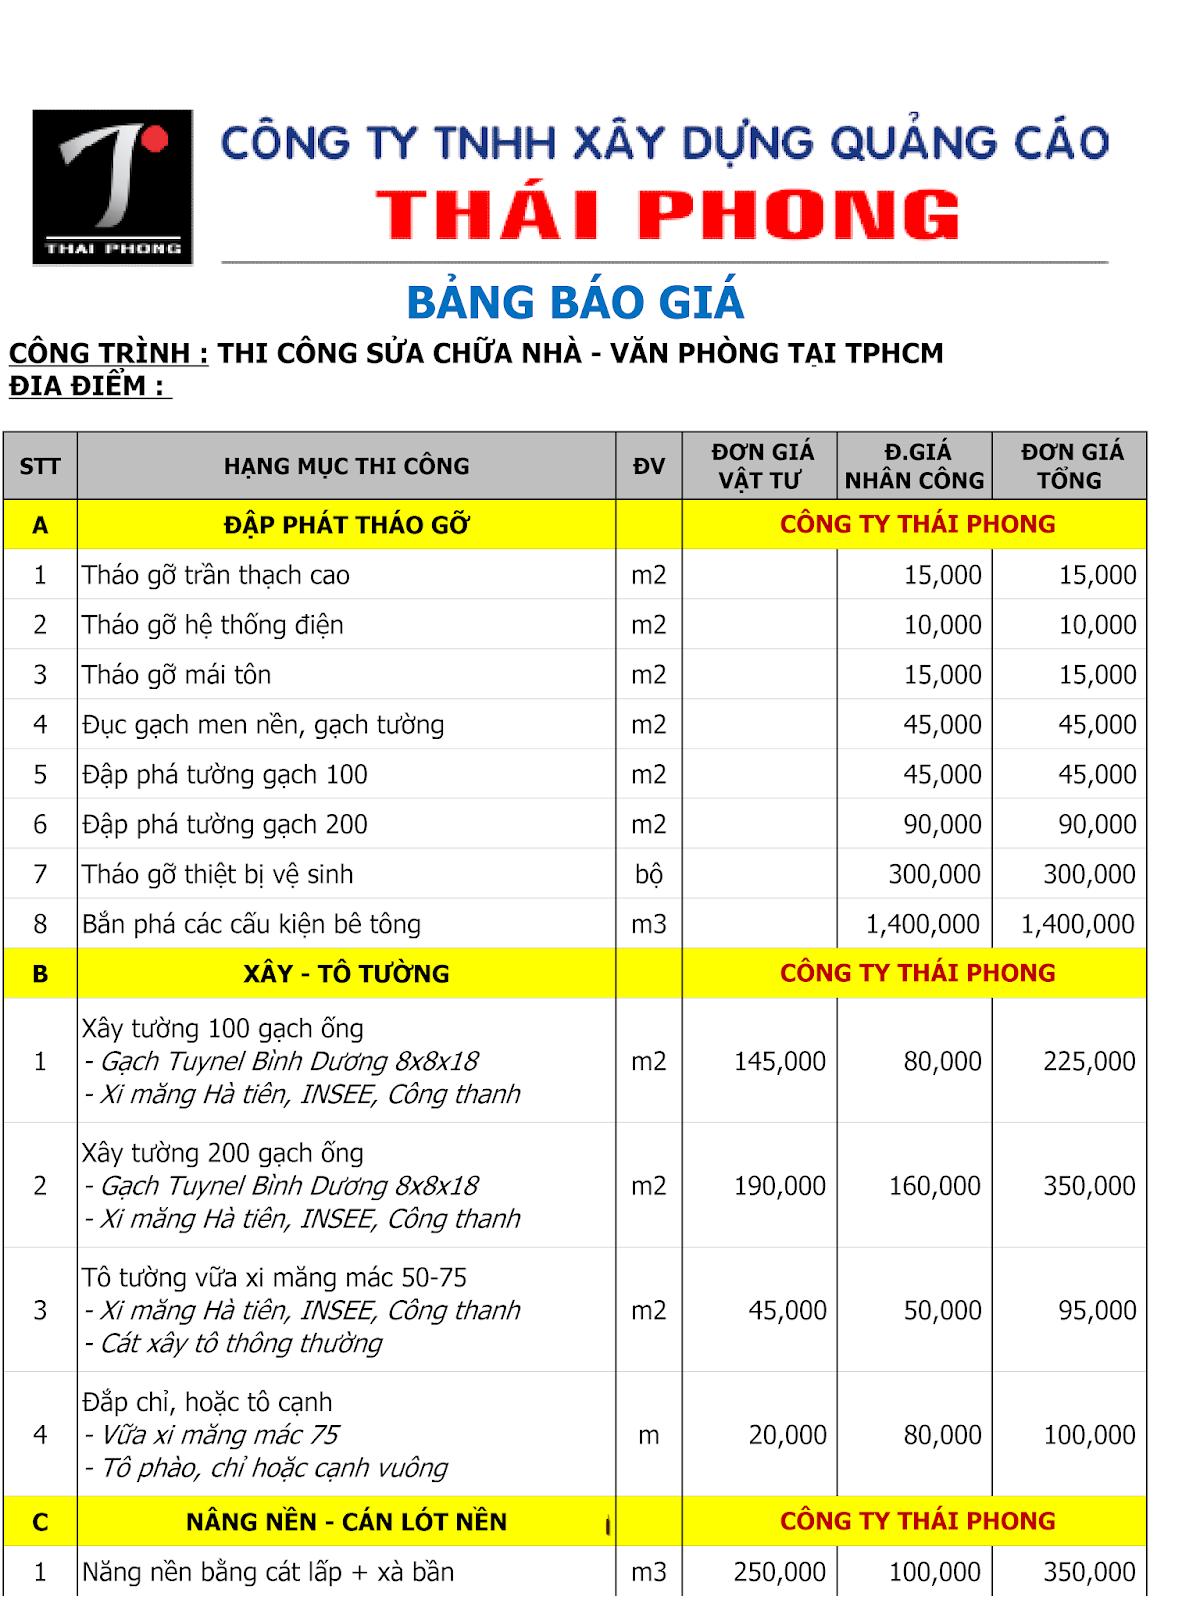 BANG GIA THI CONG SON SUA CHUA VAN PHONG